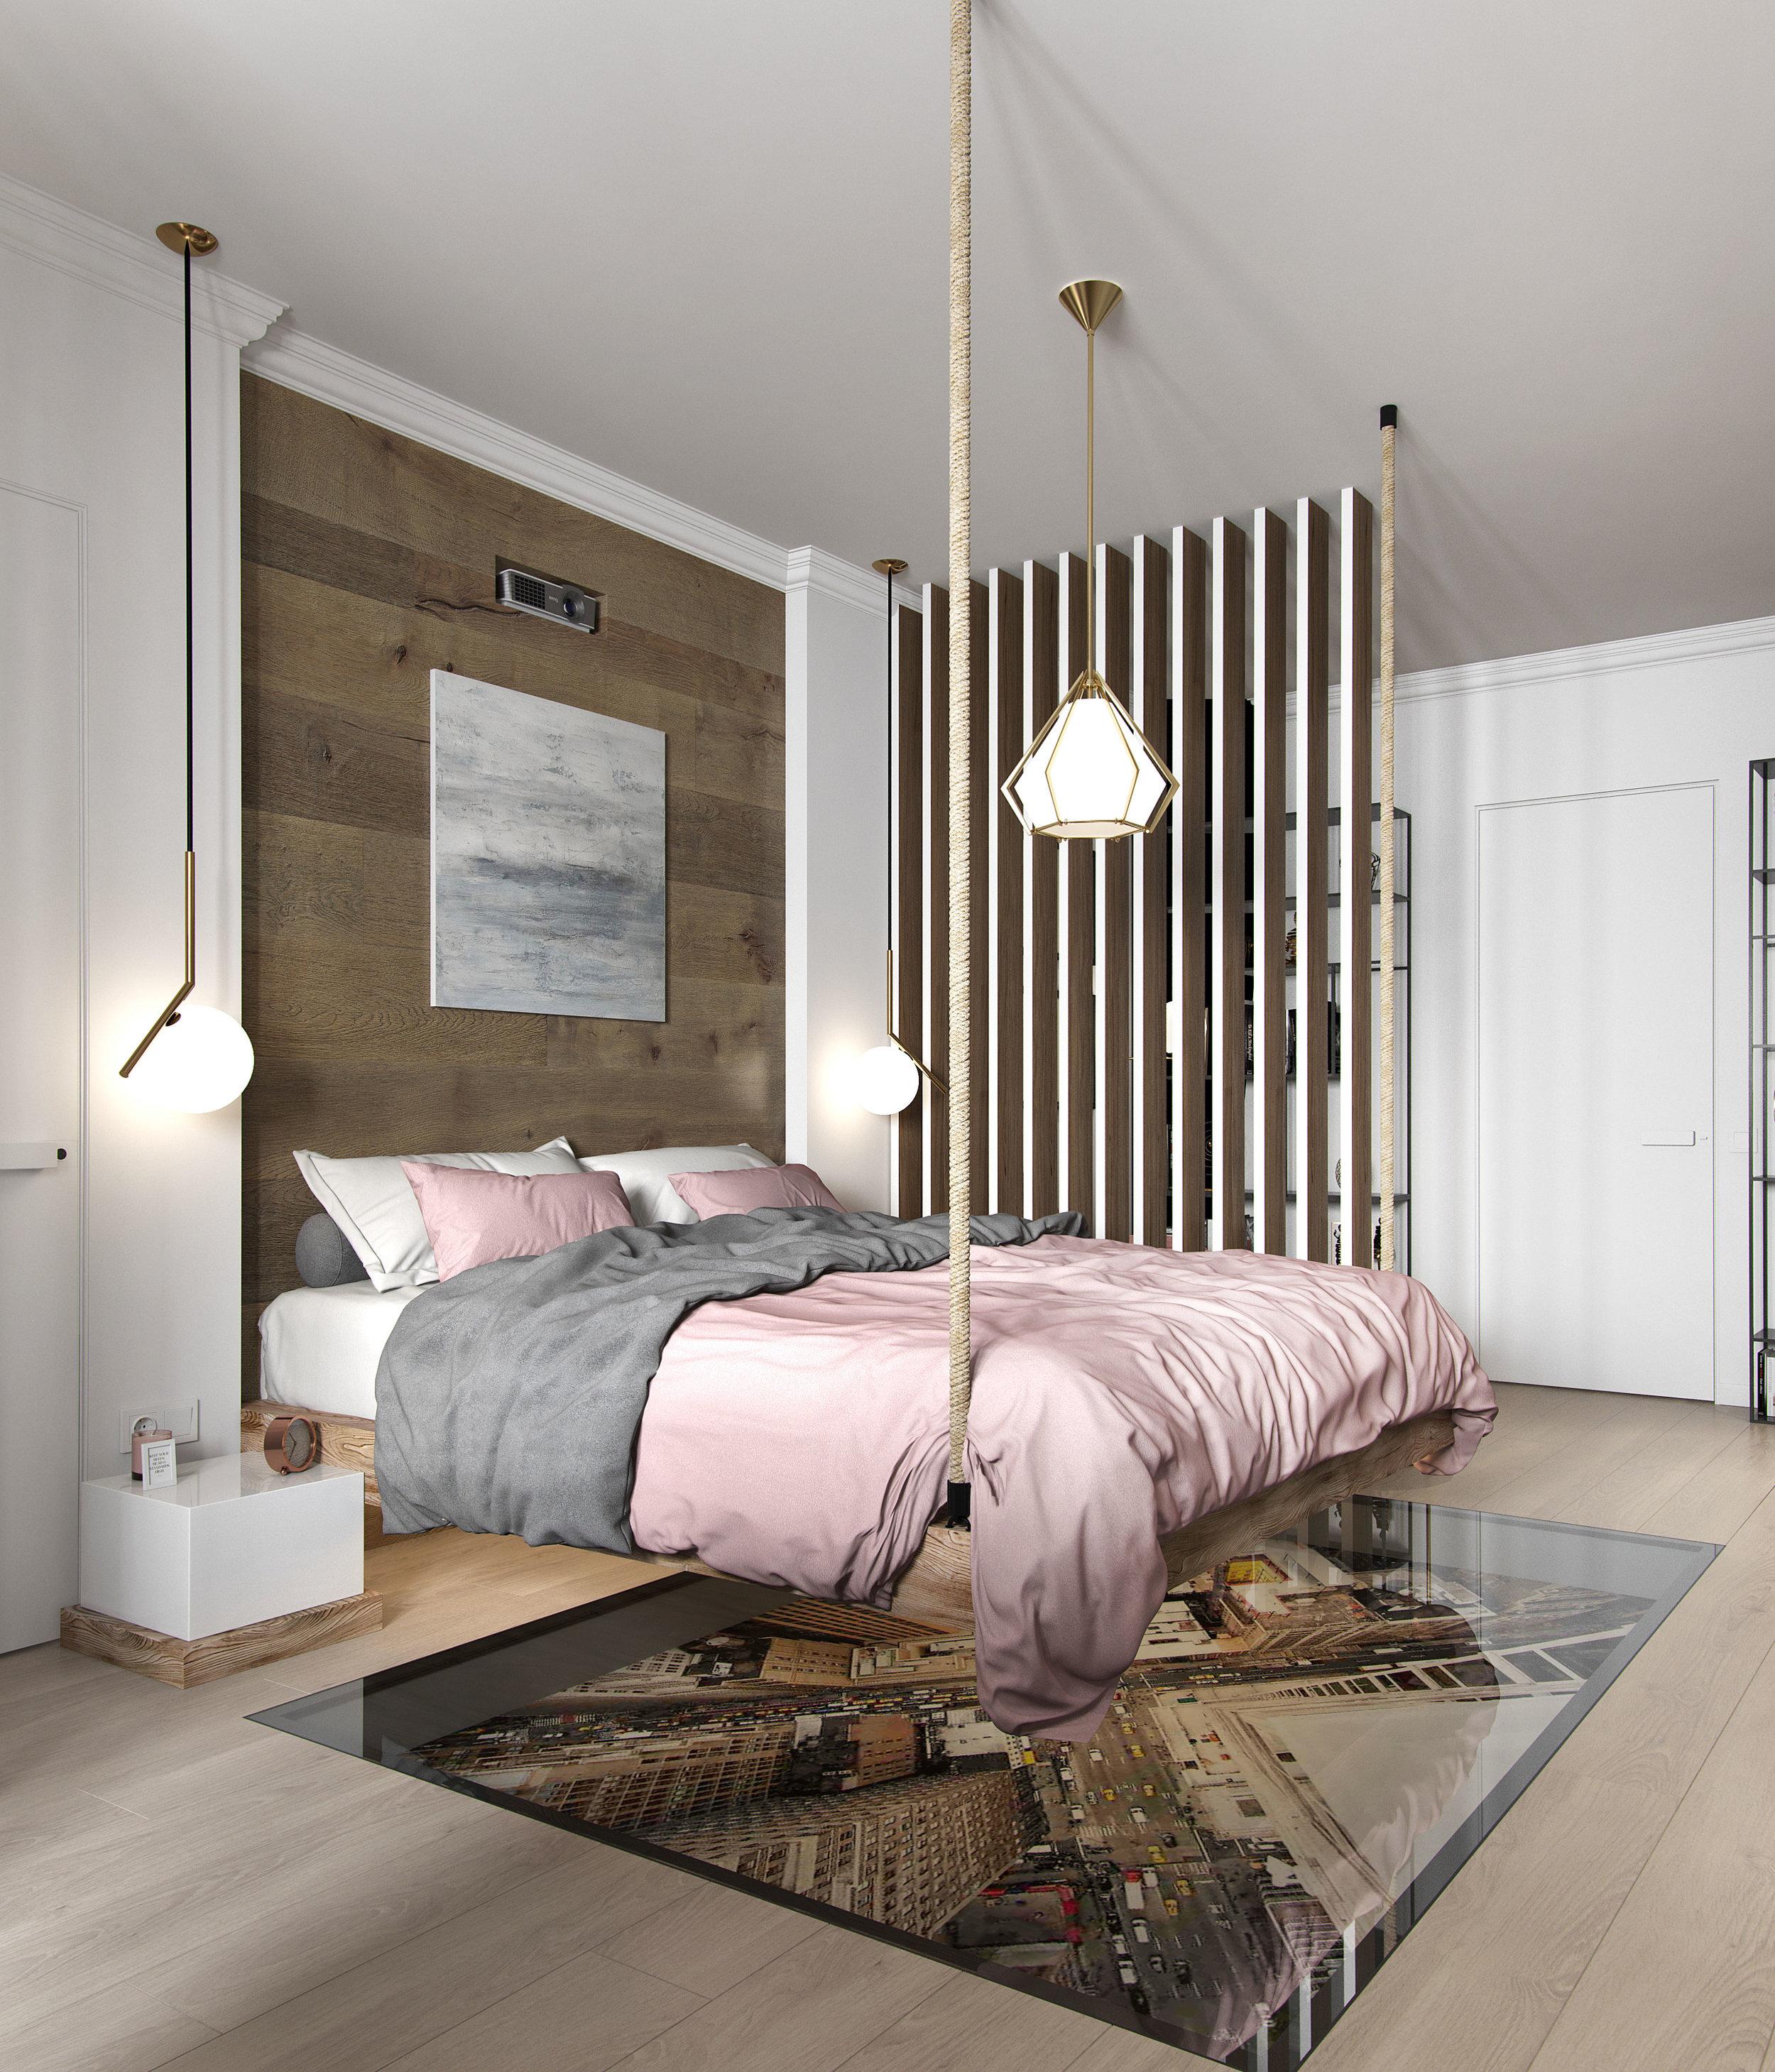 ArtHunter-Bedroom-4-2.jpg